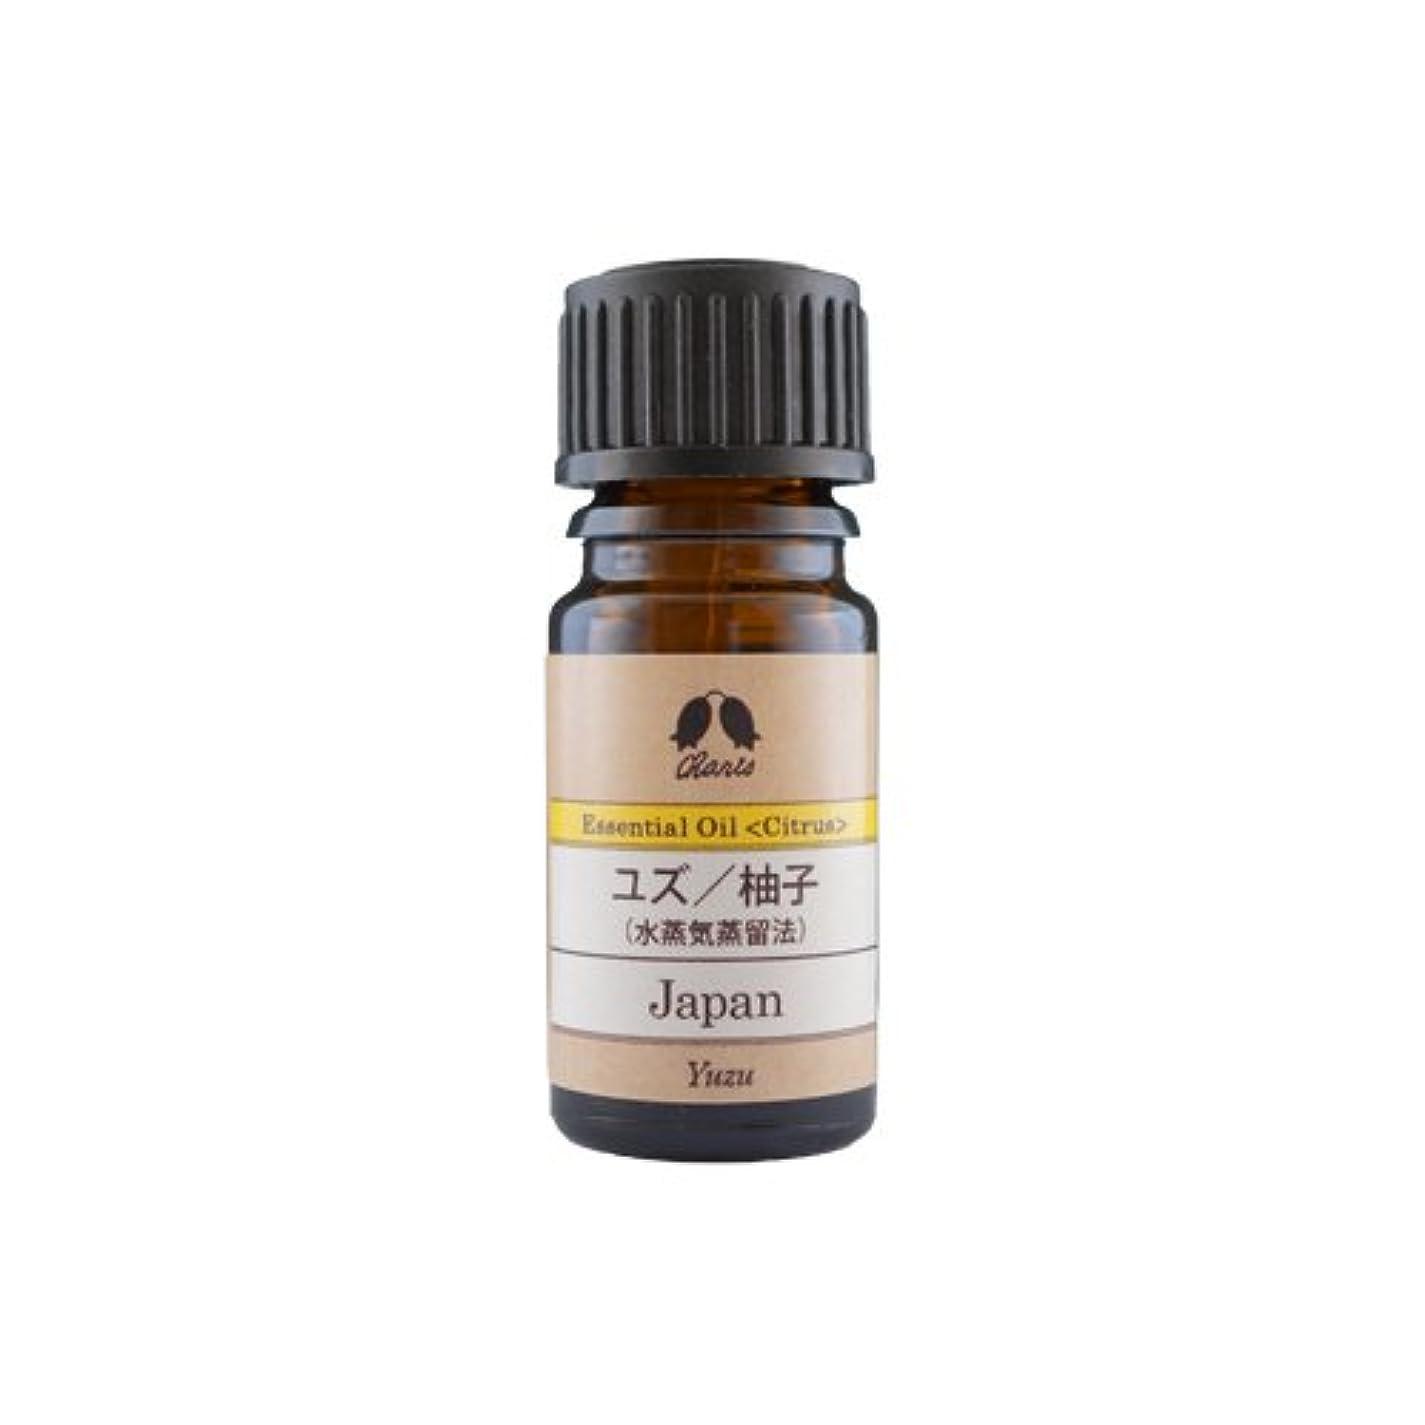 肌寒い地味なオリエントカリス ユズ(水蒸気蒸留法) オイル 5ml